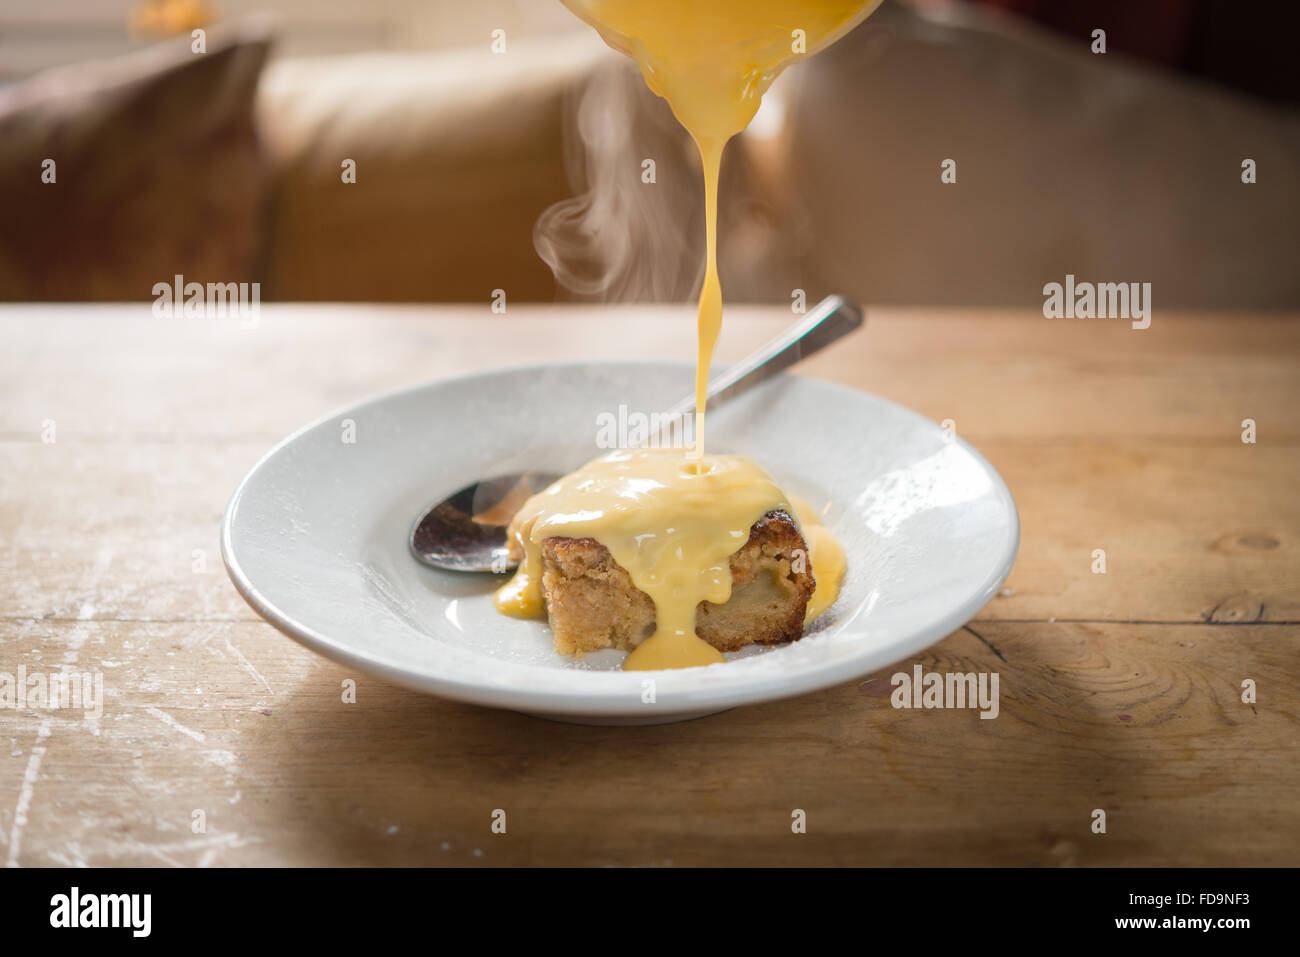 Eine gedämpfte Schwamm Pudding und Vanillesauce Wüste auf einem Holztisch Stockbild